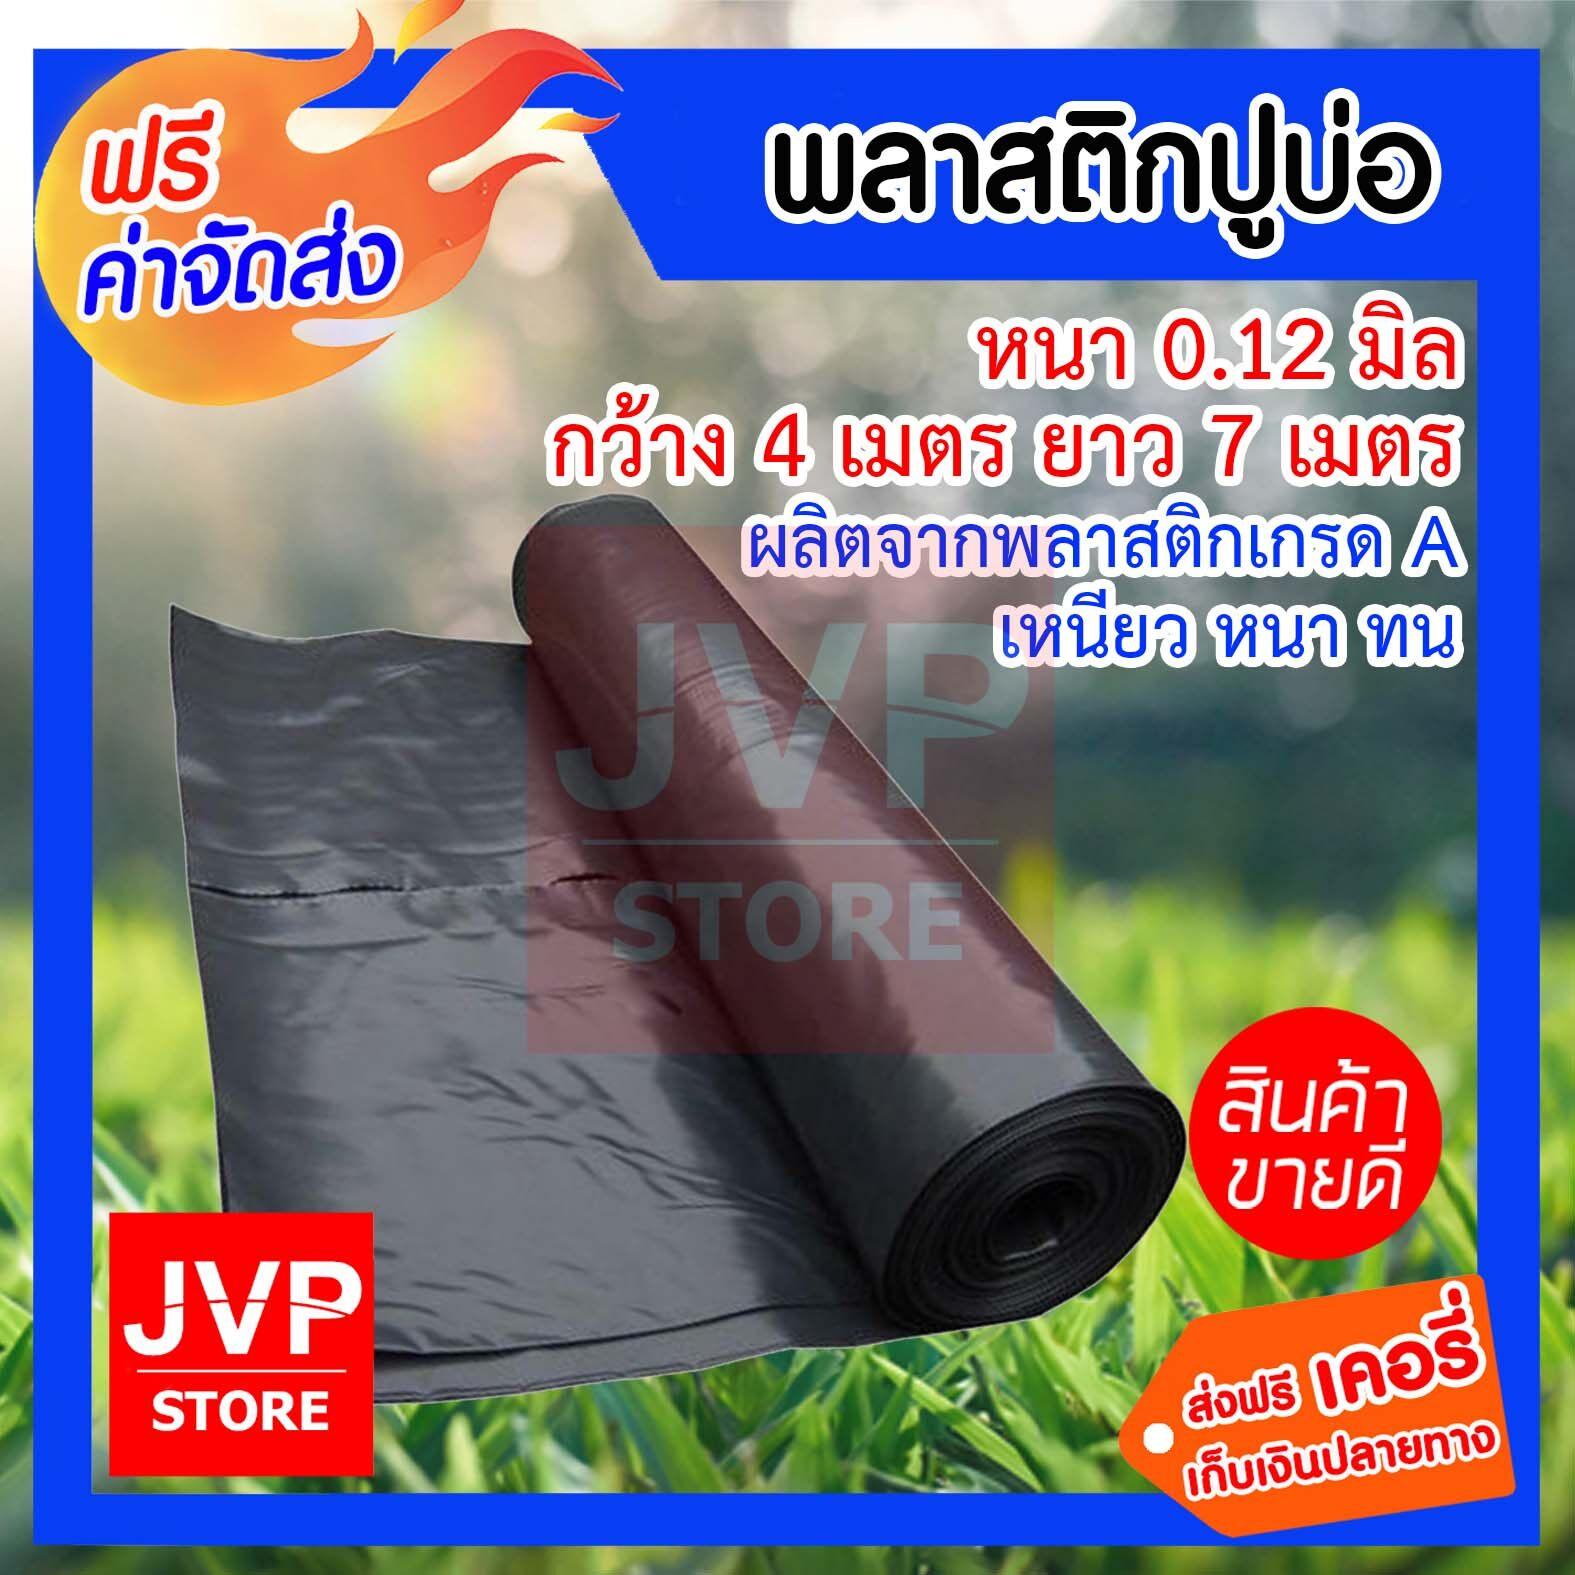 **ส่งฟรี**พลาสติกปู่บ่อ กว้าง 4เมตร มีให้เลือกยาว 2-35 เมตร หนา 0.12มิล พลาสติกปูบ่อPE สีดำ หนา ทน เหนียว ไม่รั่วซึม